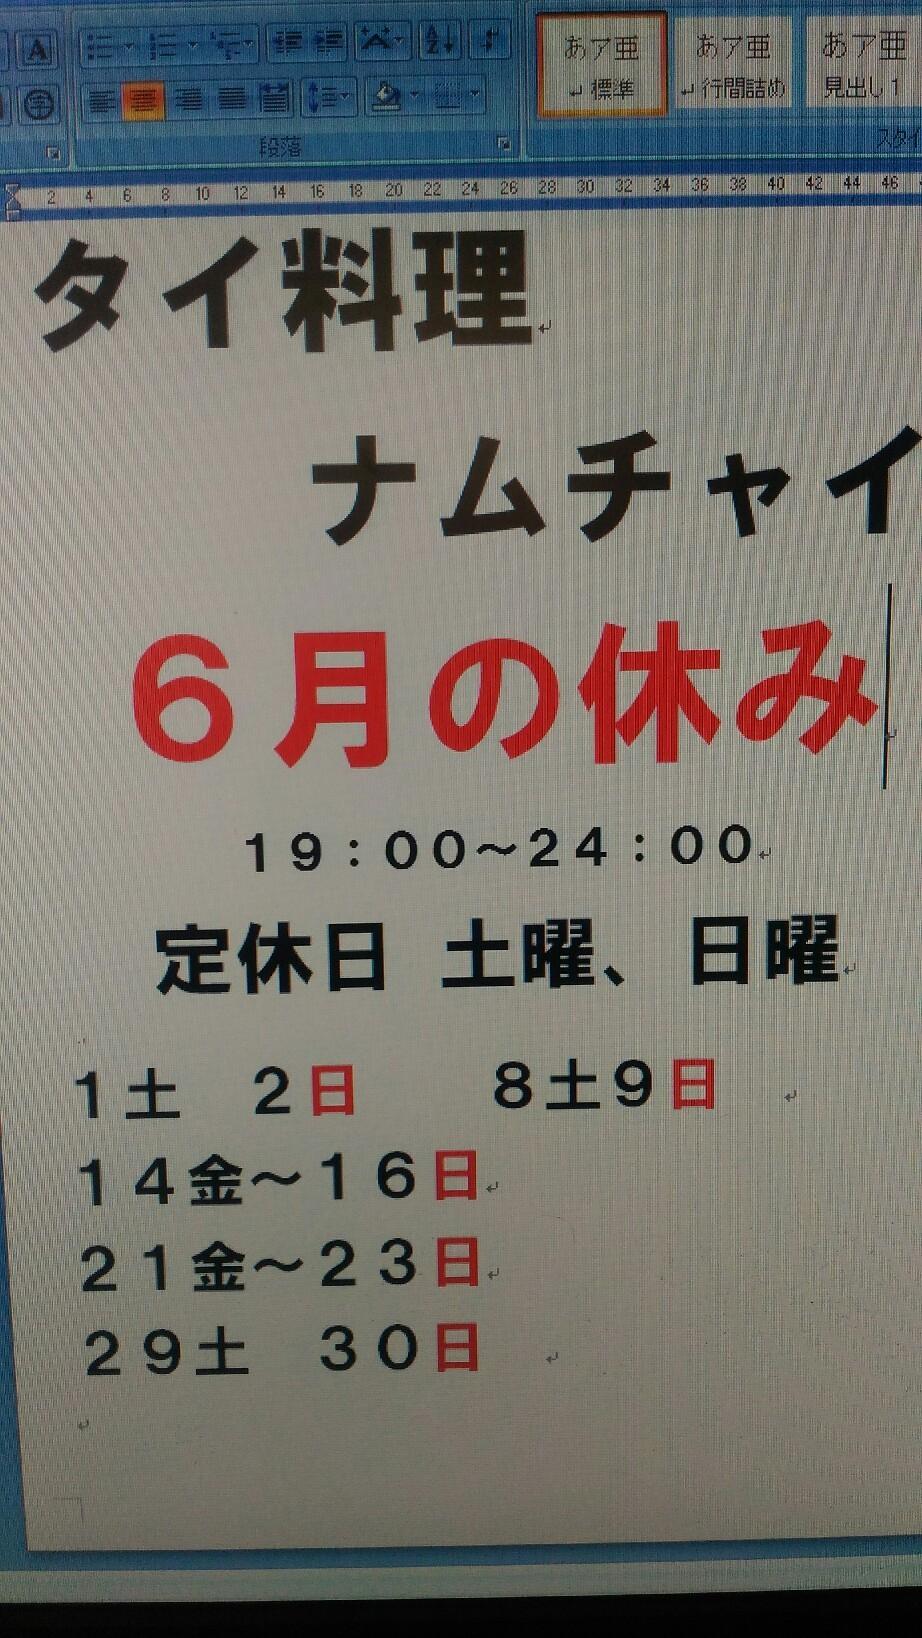 【井の頭 ナムチャイ】6月の休み予定_d0021932_18310807.jpg